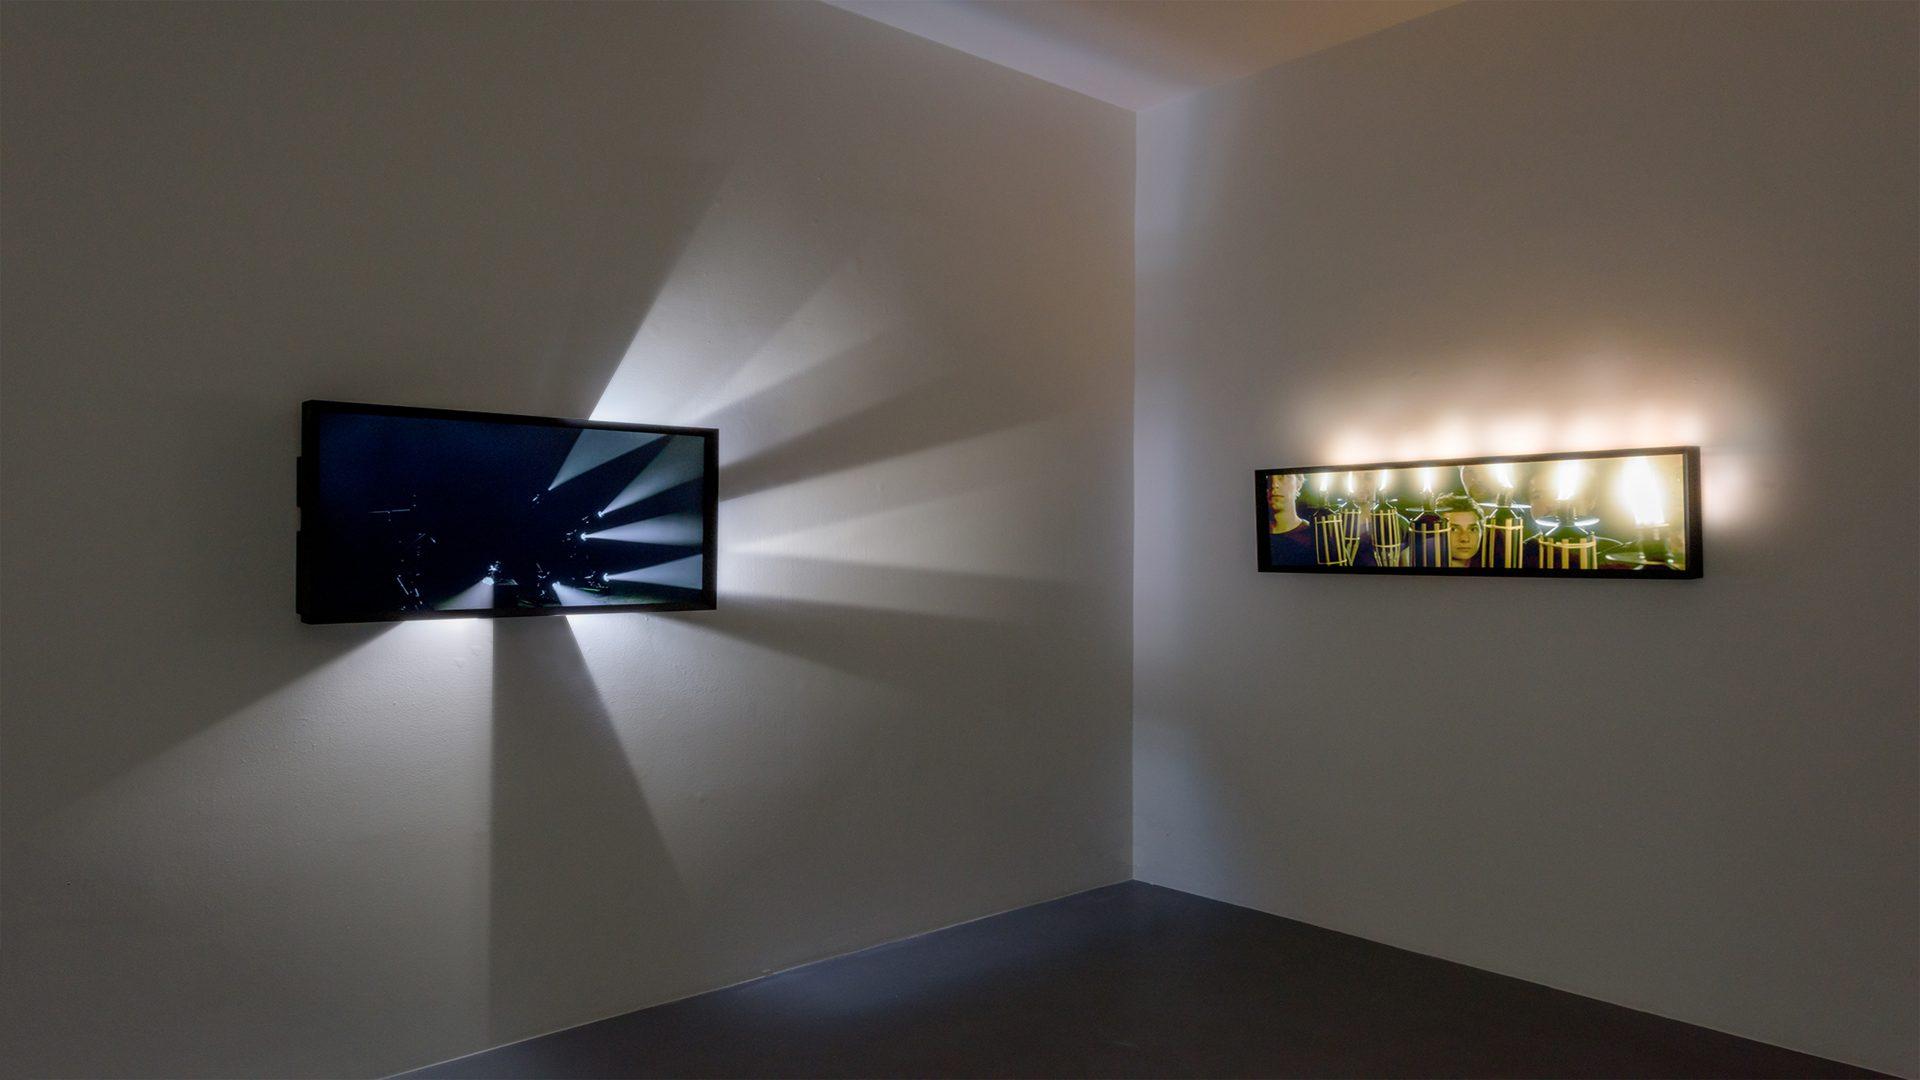 L'image éclaire - Écran Faisceaux et Flambeaux - Galerie Michel Rein Paris, 2016 / Credits : Florian Kleinefenn